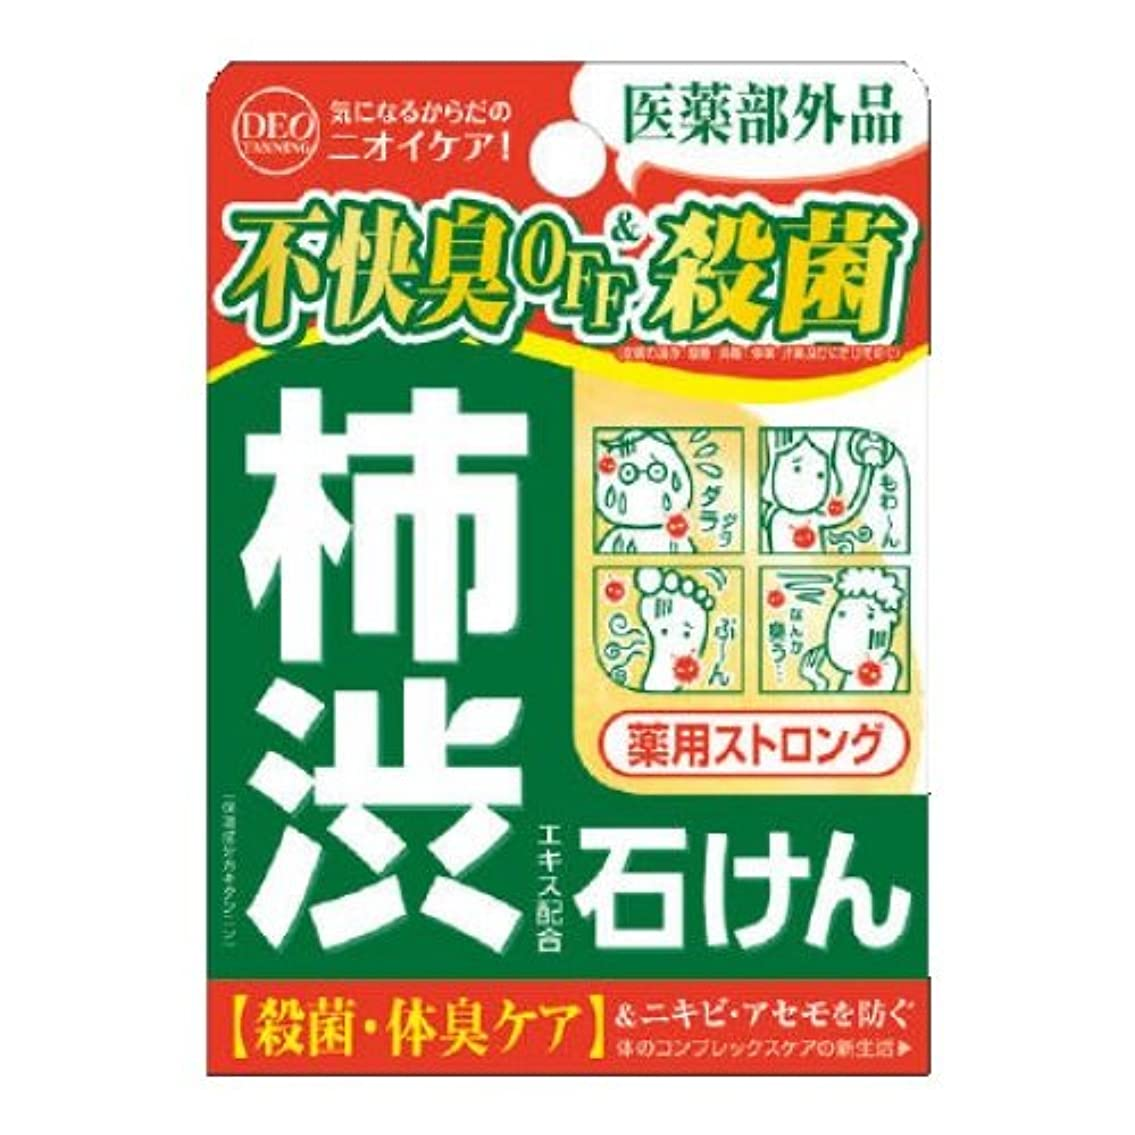 露花嫁清めるデオタンニング 薬用ストロング ソープ 100g (医薬部外品)